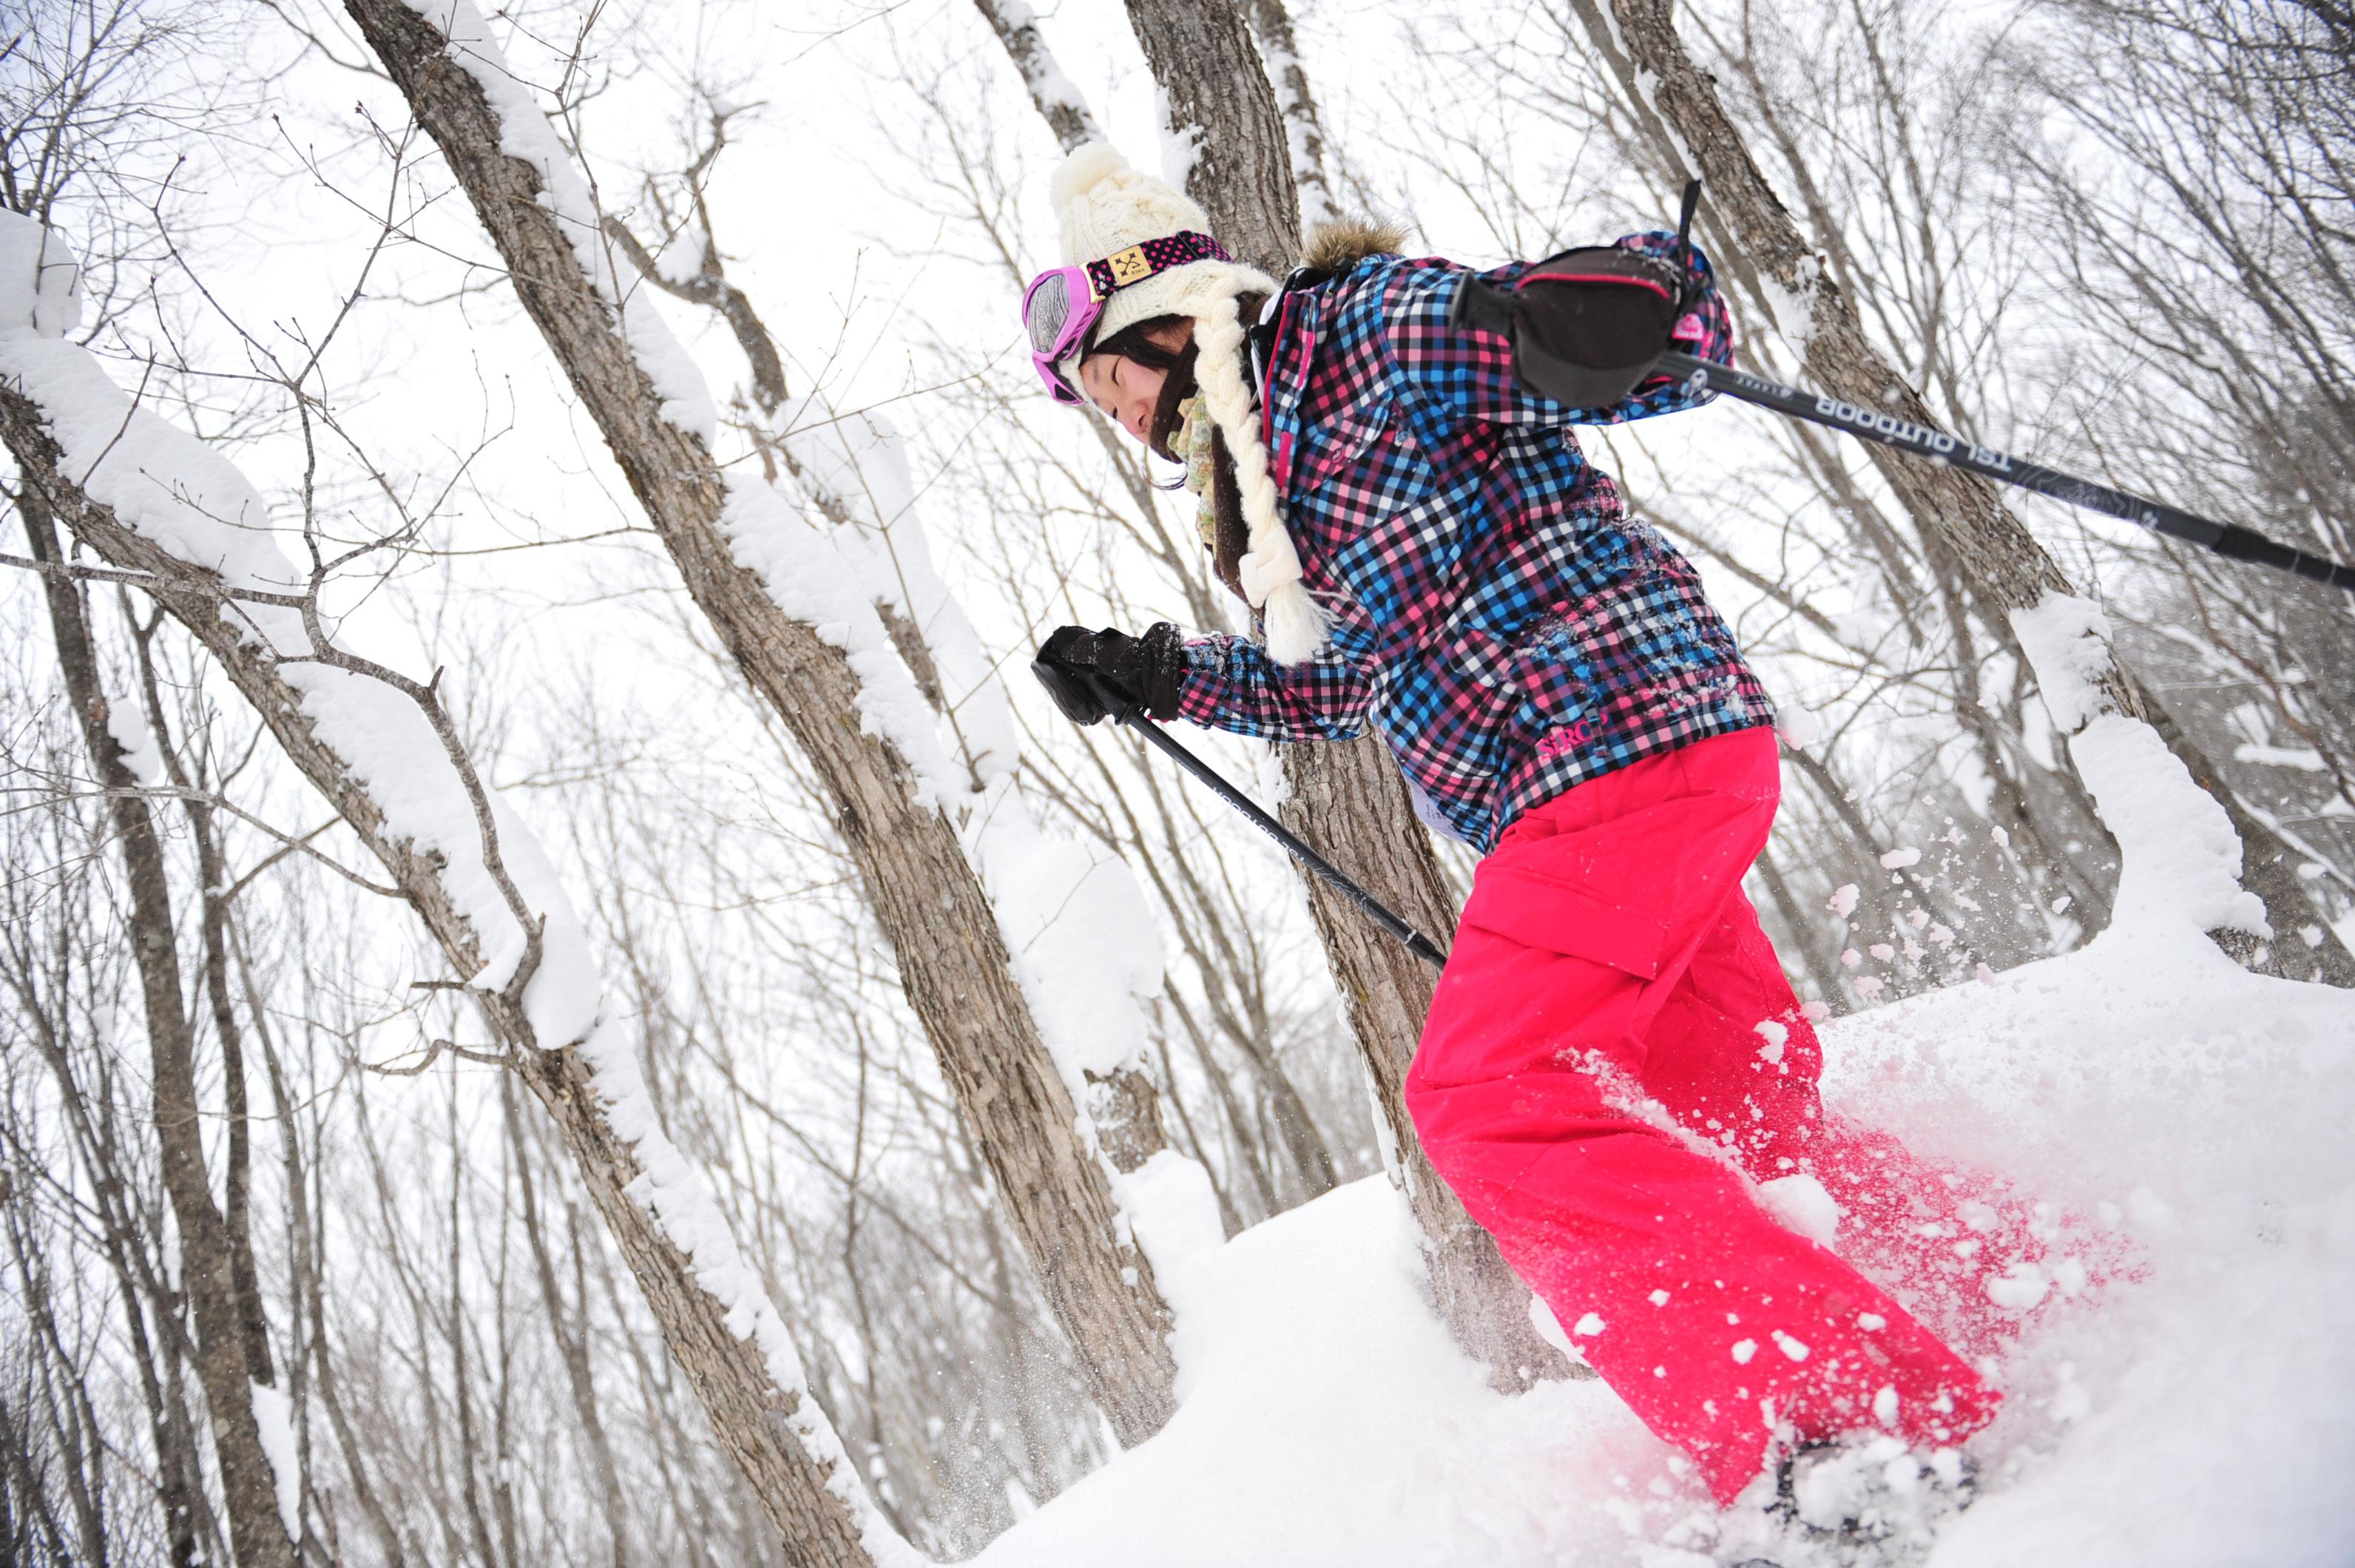 春スキー&スノーボードはもちろん、スノーシューもおススメです。